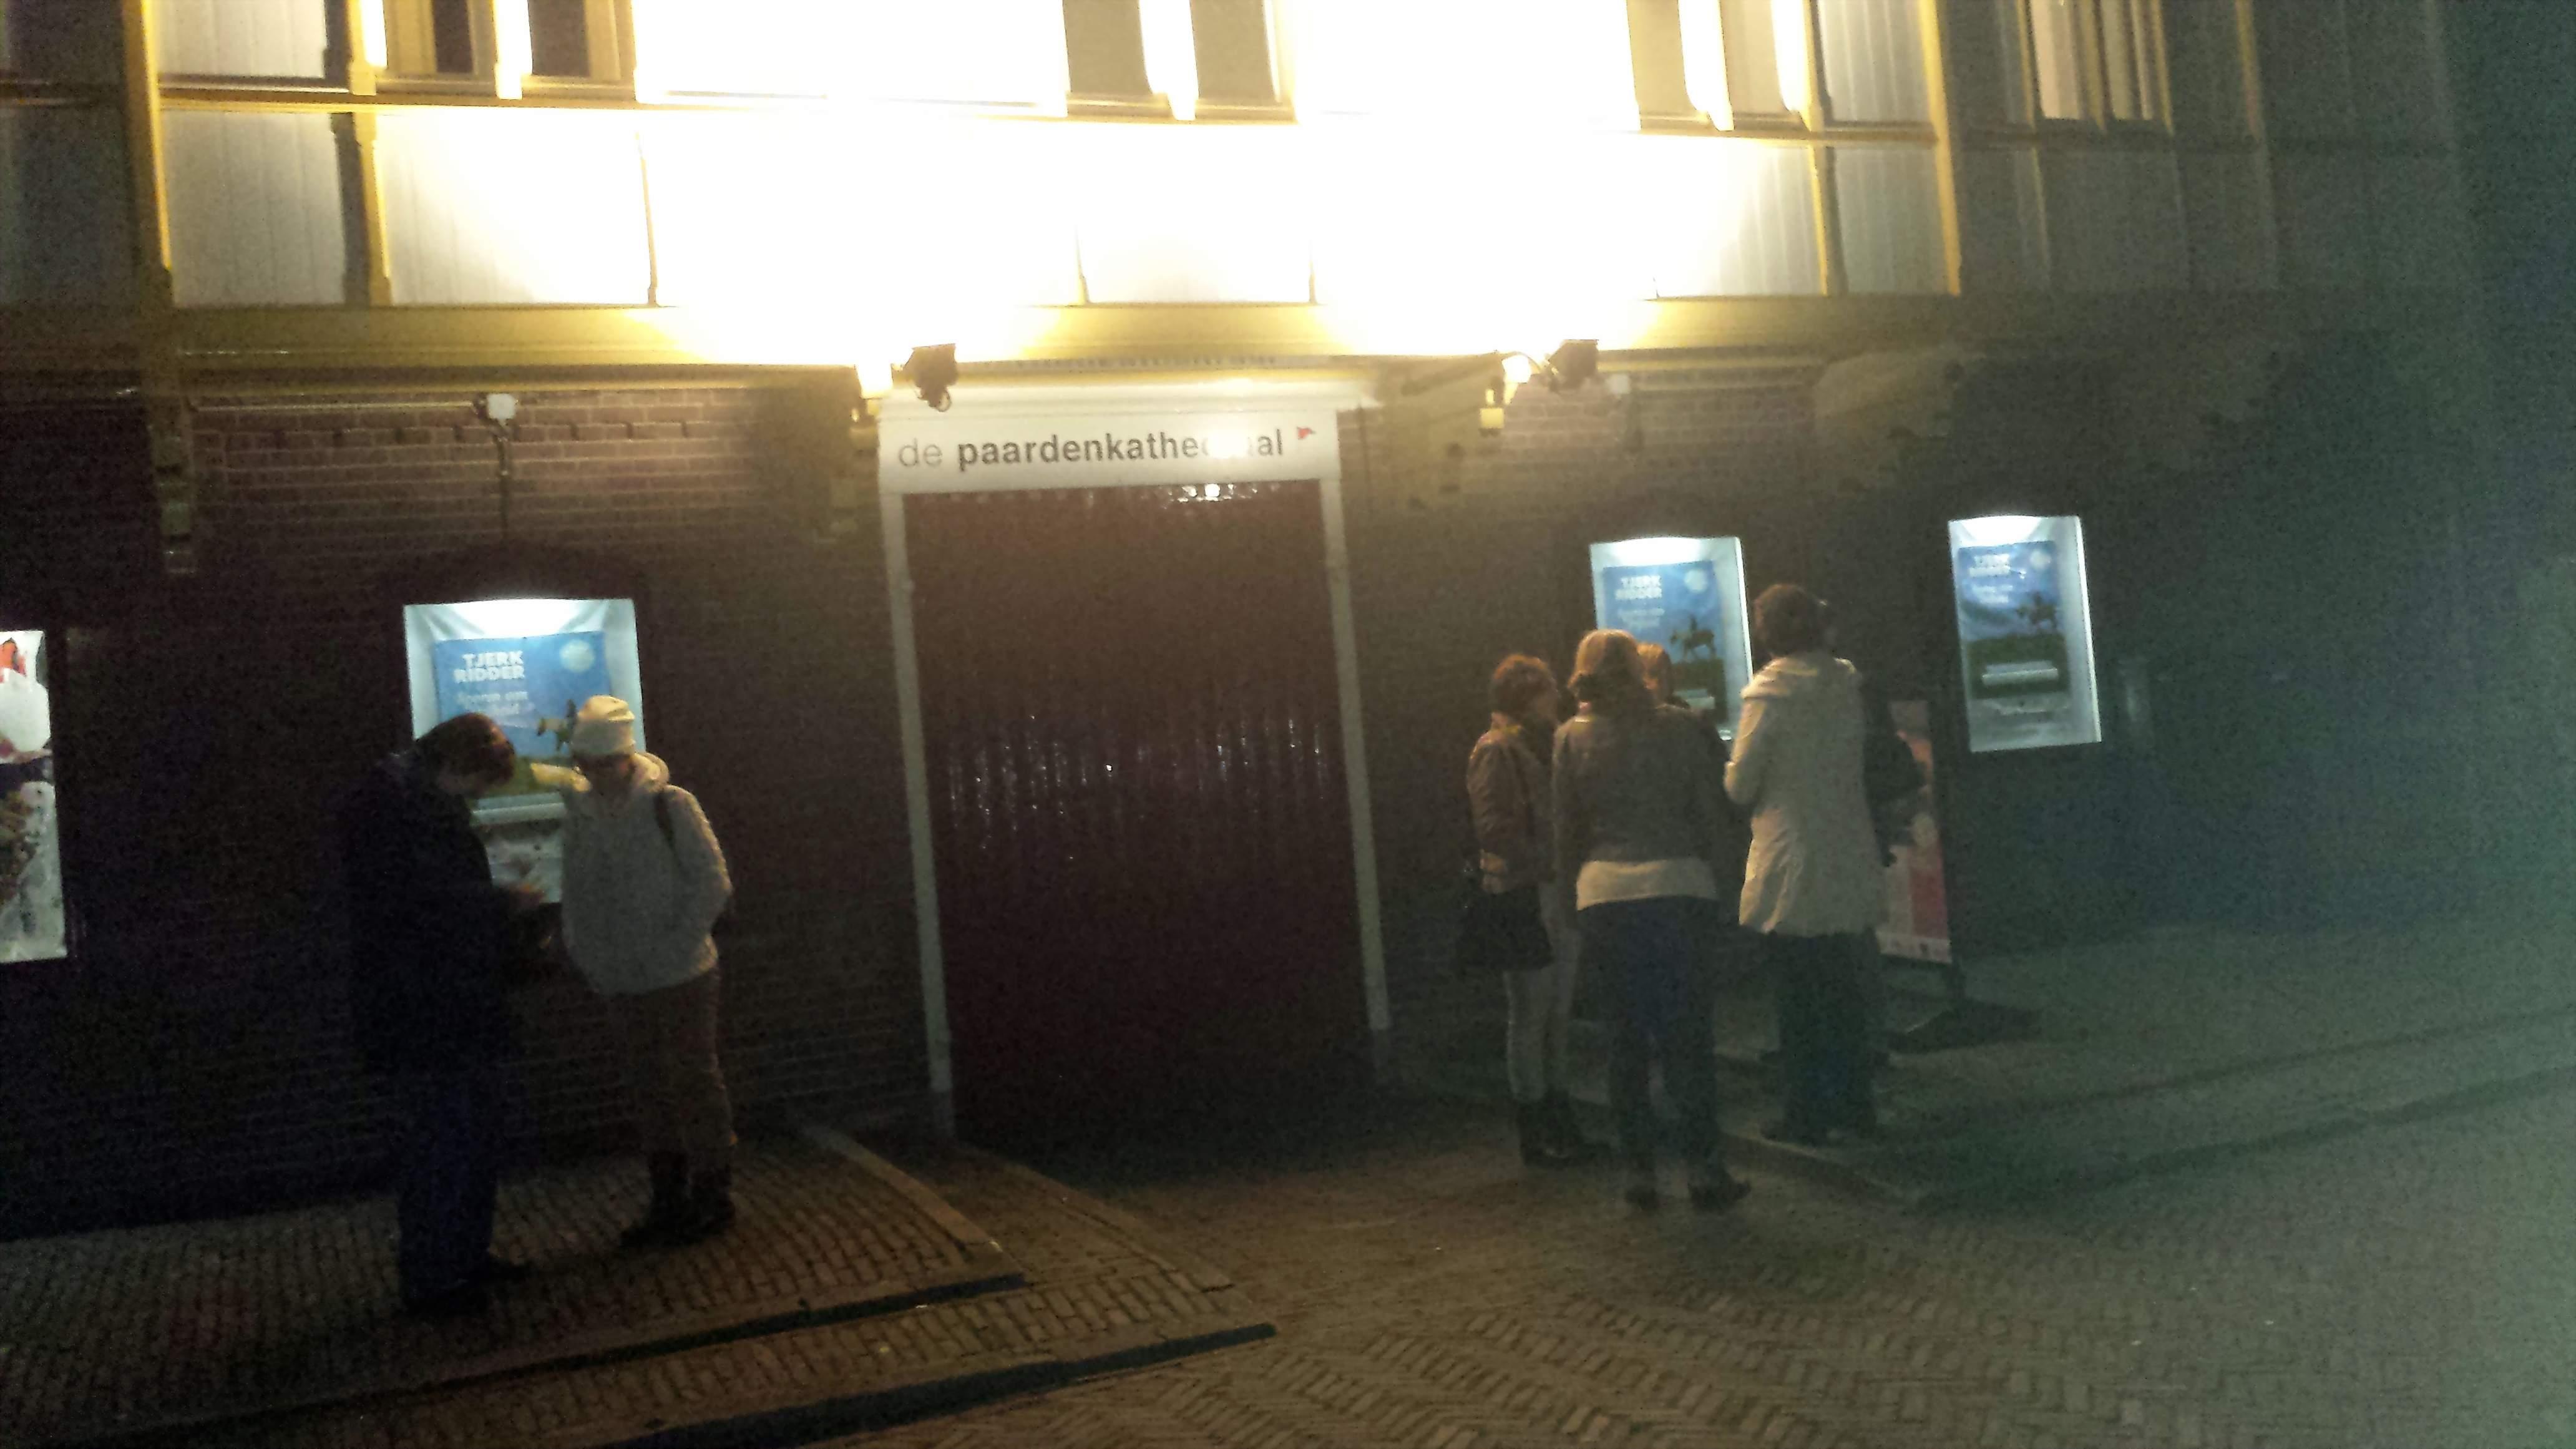 Der Eingang zum Theater De Paardenkathedraal in Utrecht; Photos: Claus Stille.